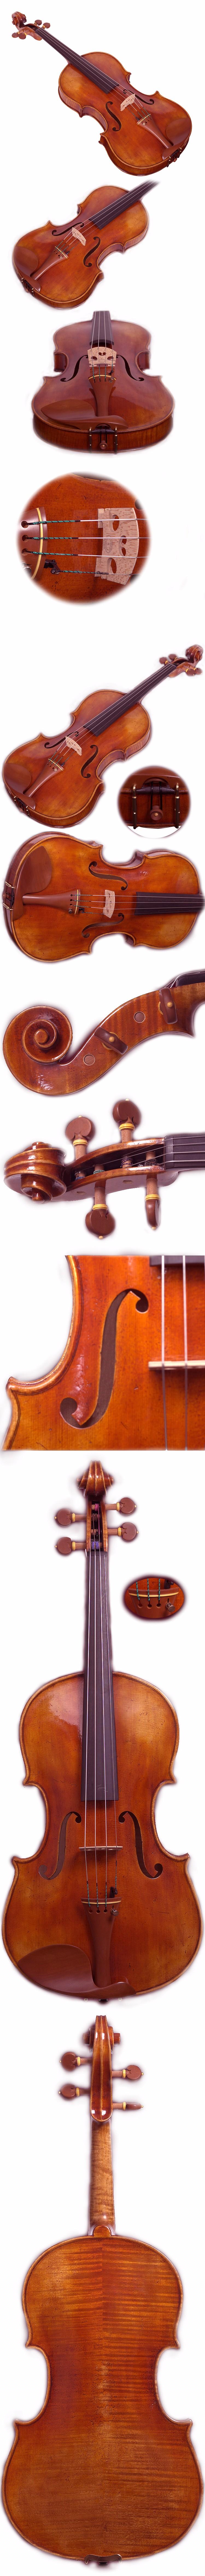 里歌LIGE中提琴音乐会演奏用琴LVA-757_06.jpg